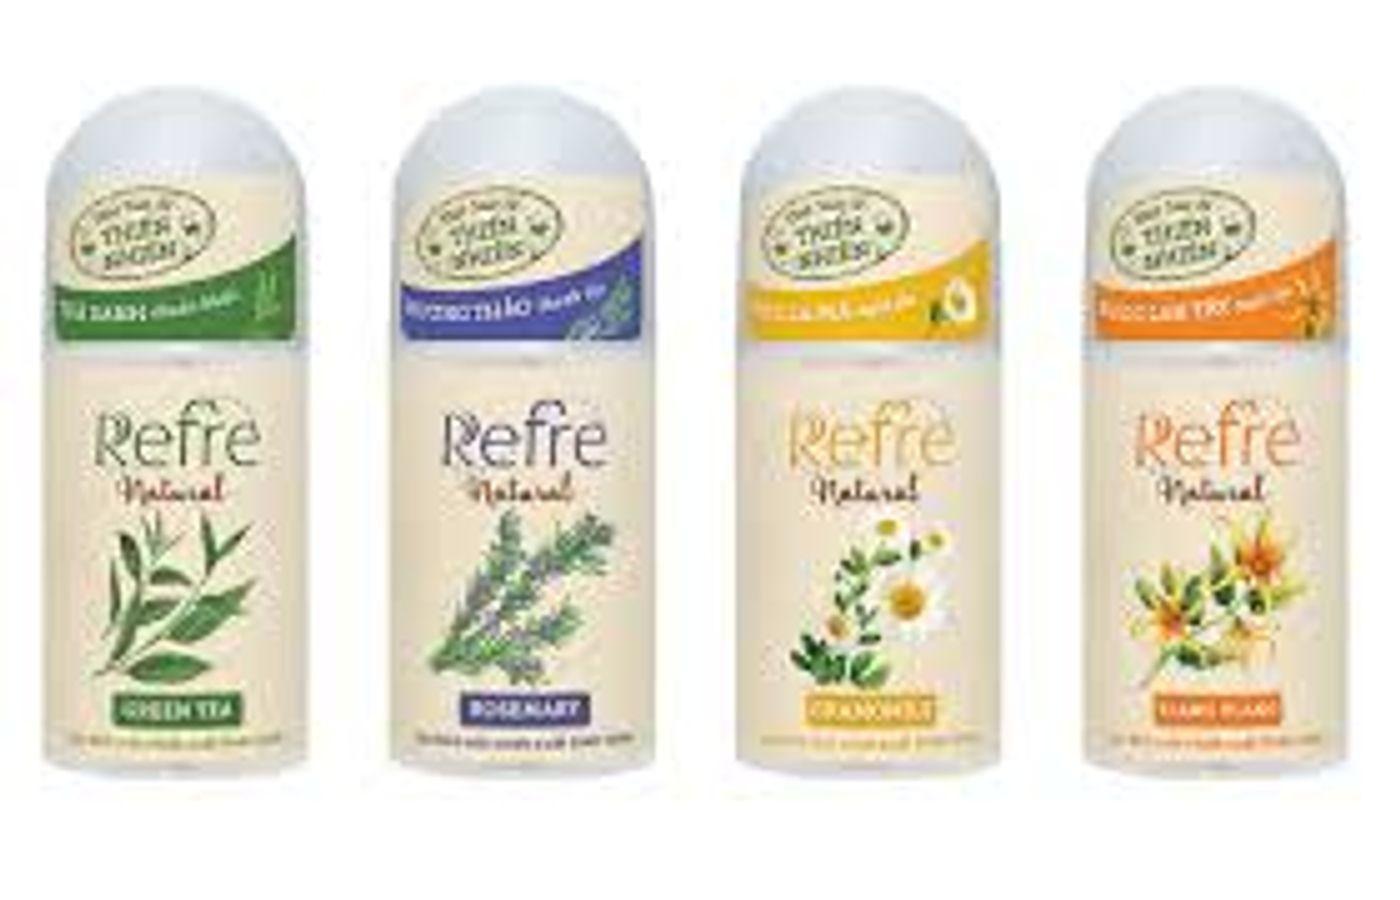 Lăn Khử Mùi Refre Natural 40ml Chiết Xuất Từ Thiên Nhiên